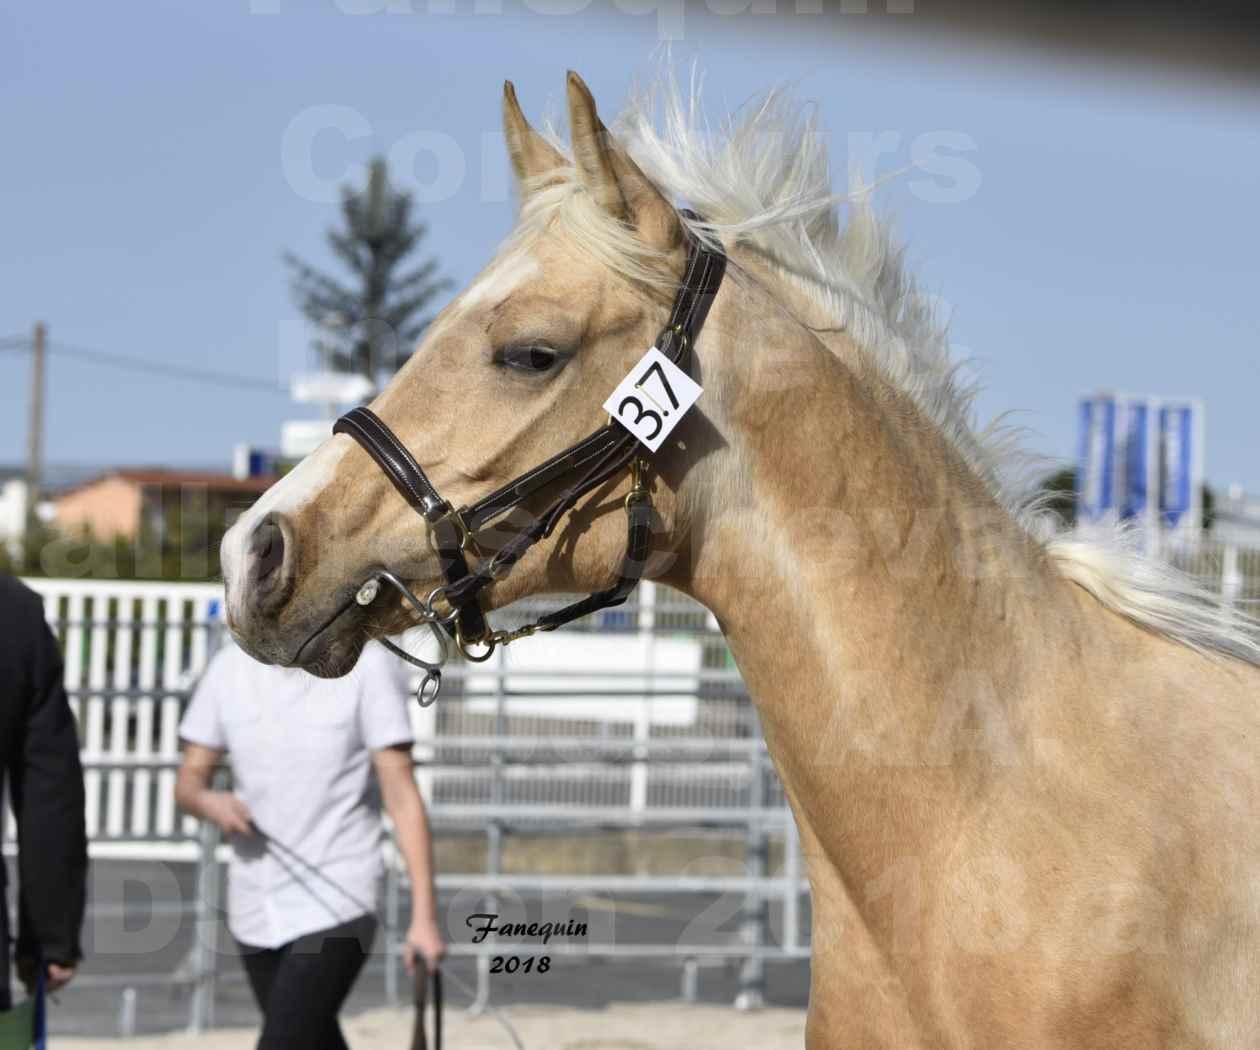 Concours d'élevage de Chevaux Arabes - D. S. A. - A. A. - ALBI les 6 & 7 Avril 2018 - GOLD DE DARRE - Notre Sélection - Portraits - 6